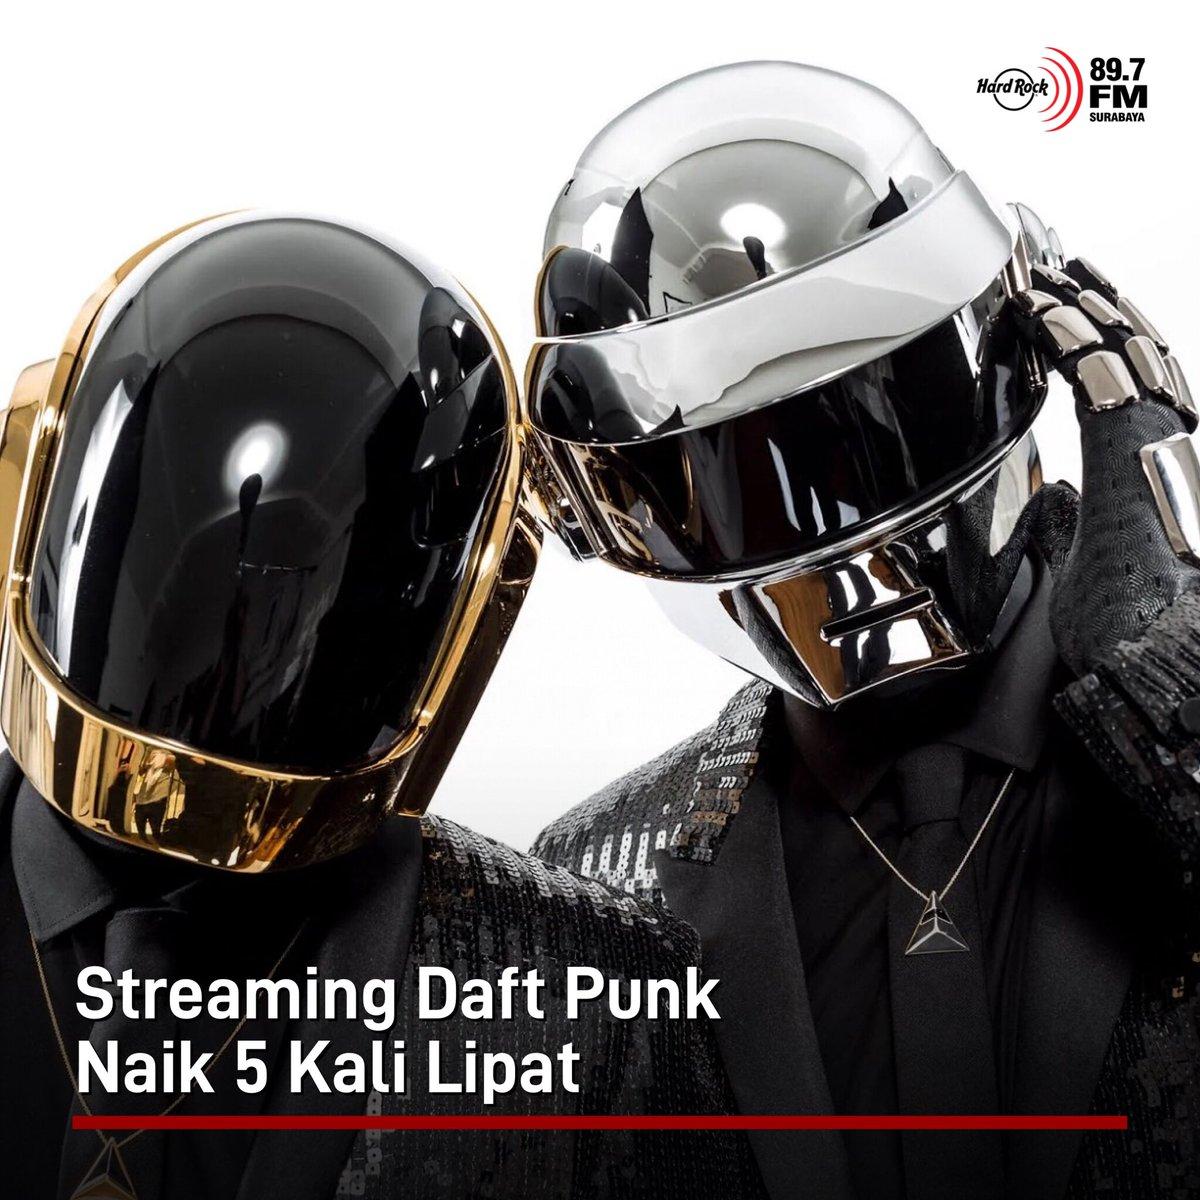 #HRFMNews Setelah mengumumkan bubar, streaming lagu Daft Punk naik 5 kali lipat.  Menurut data dari Alpha Data, streaming-nya mencapai angka lebih dari 5.025 juta dibanding sebelumnya 854.100. Lagu yang paling banyak diputar adalah Get Lucky, sementara albumnya adalah Discovery.